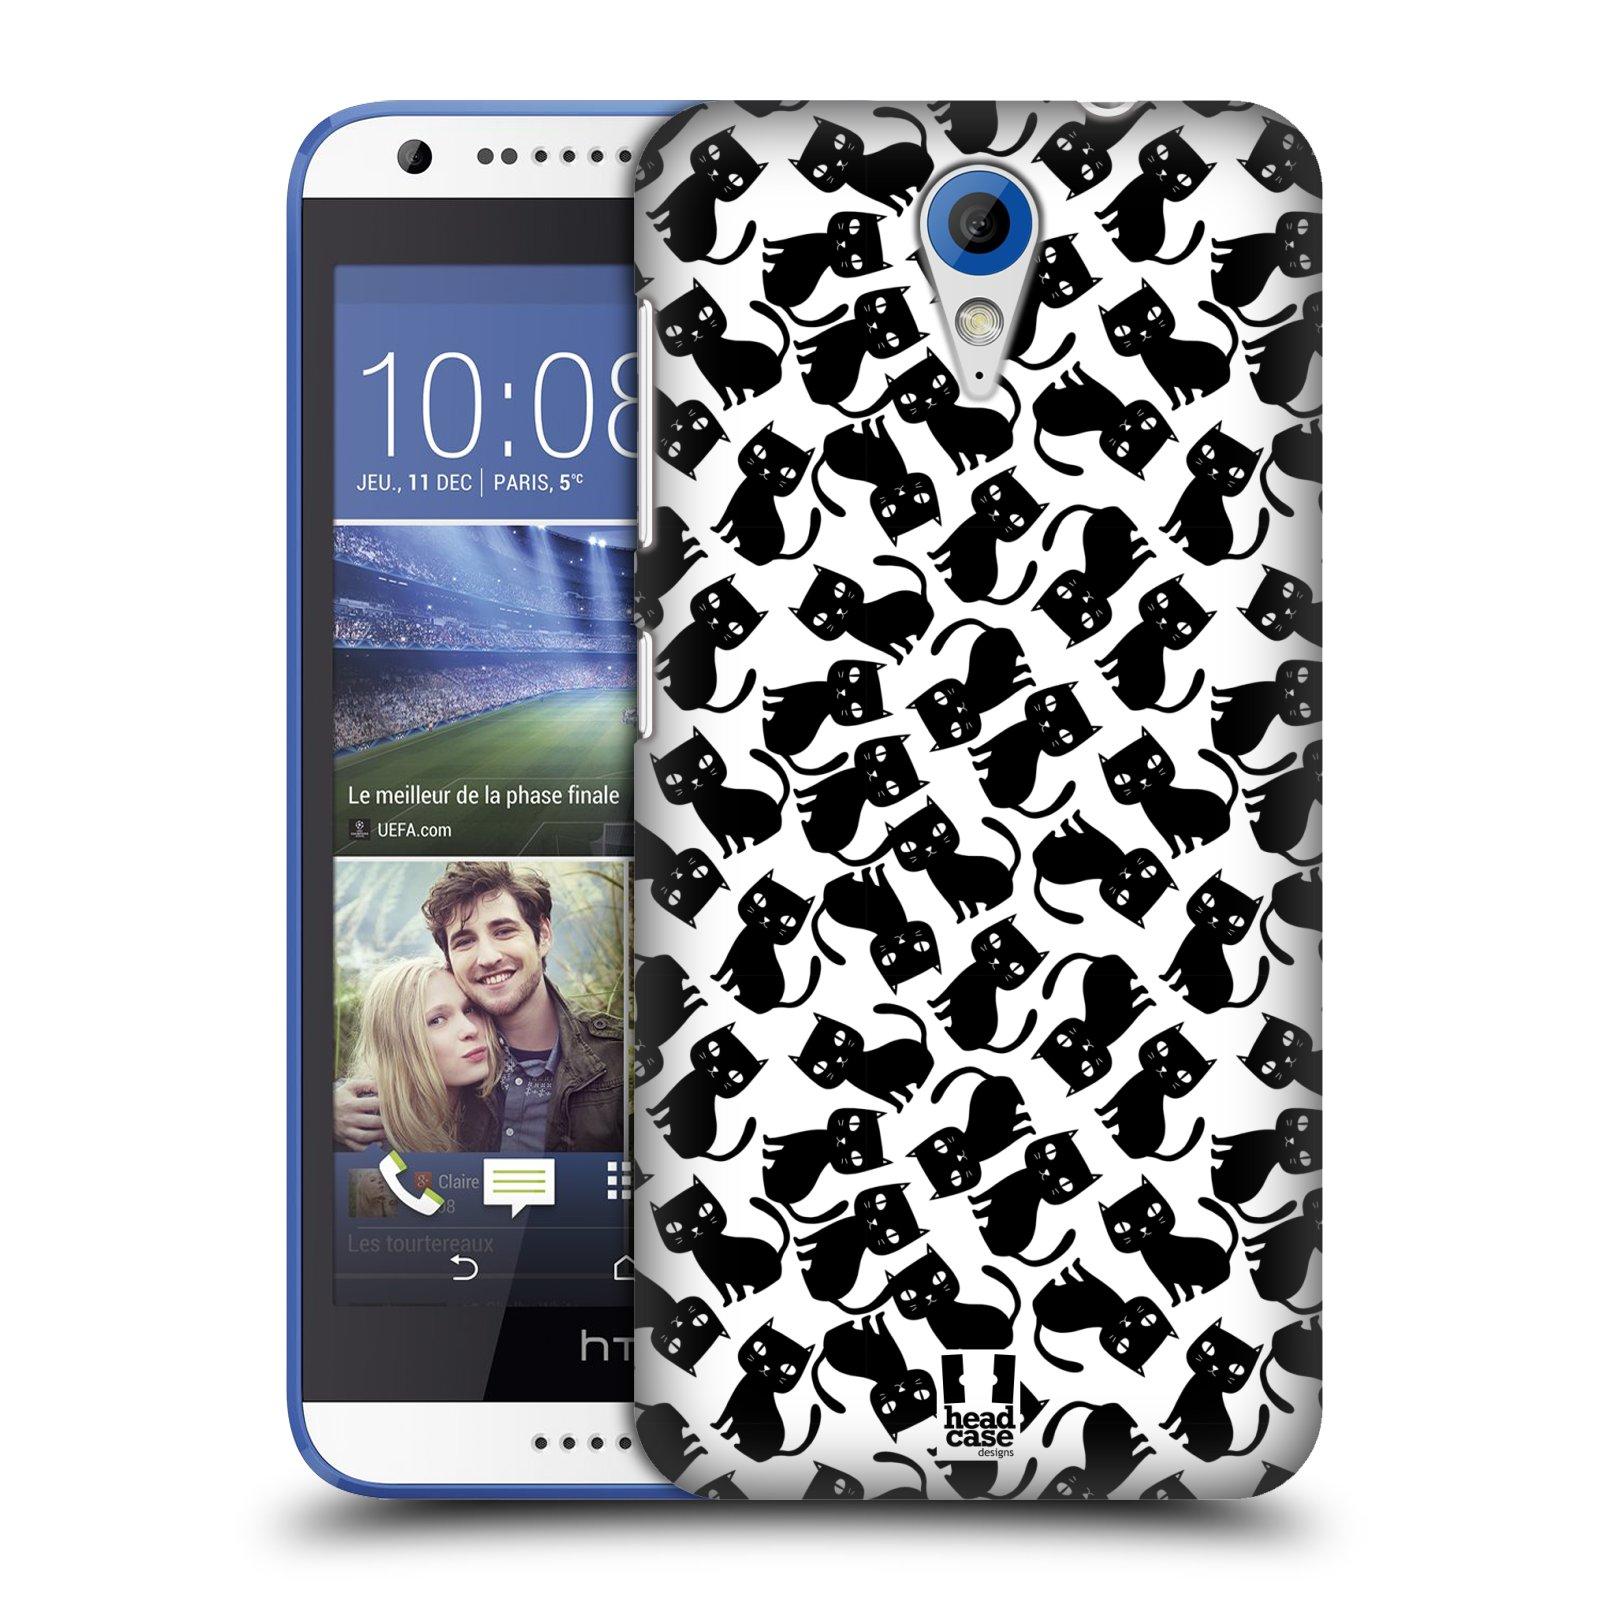 Plastové pouzdro na mobil HTC Desire 620 HEAD CASE KOČKY Black Pattern (Kryt či obal na mobilní telefon HTC Desire 620)